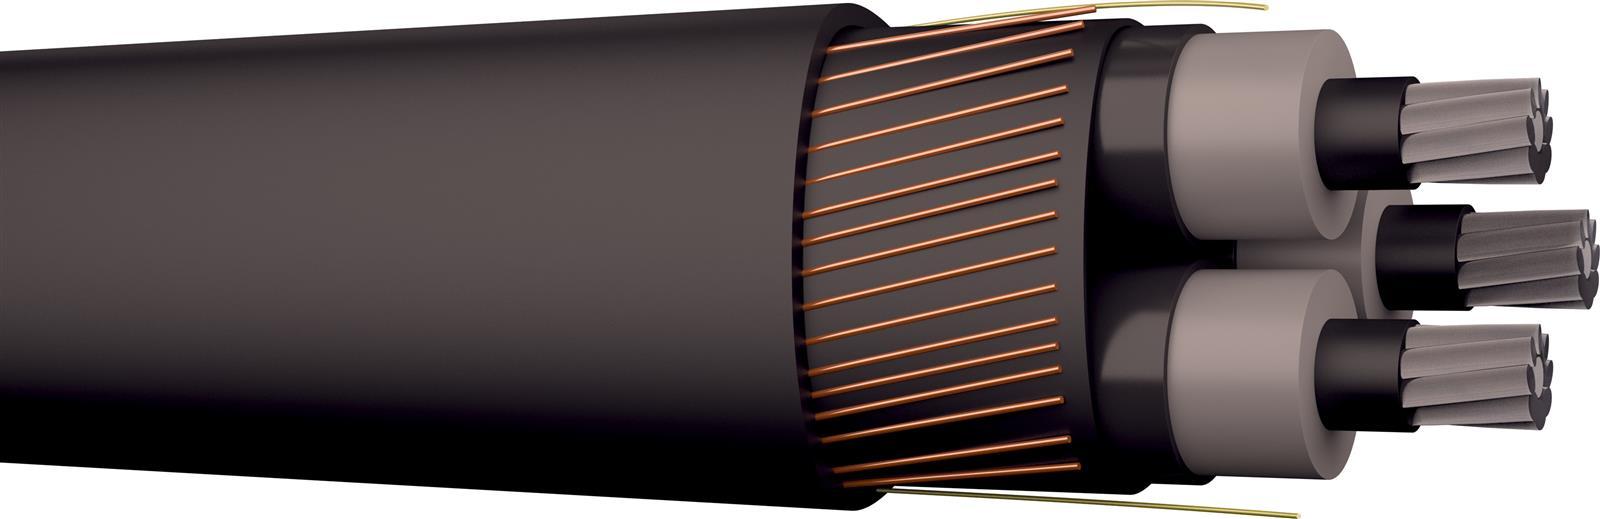 AXQJ-RMF PURE 3X150/25 12KV